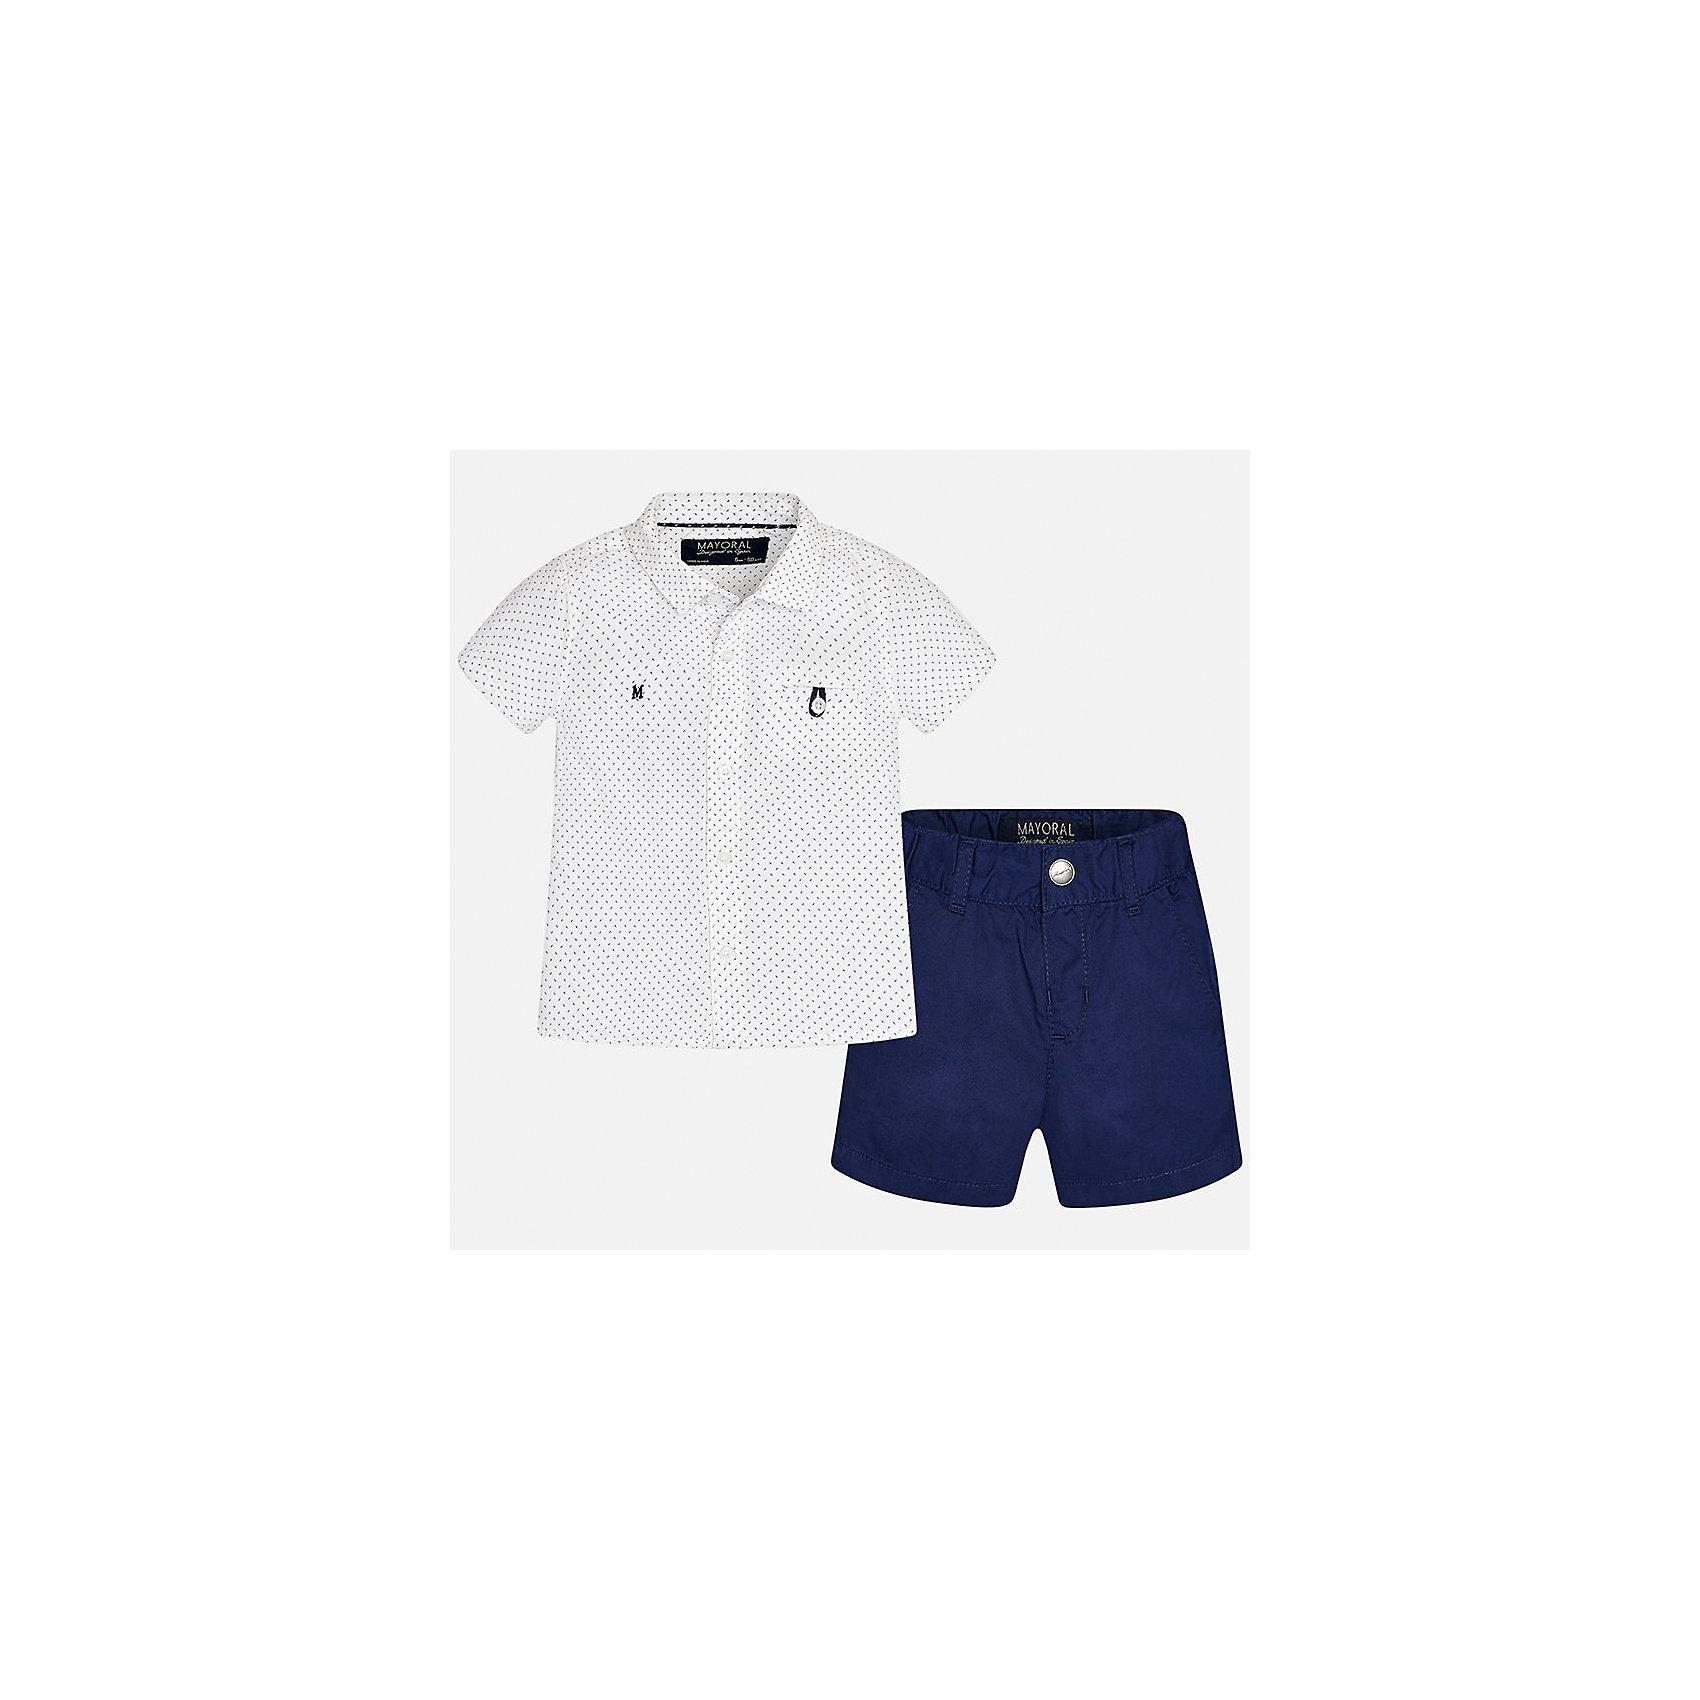 Комплект: шорты и рубашка для мальчика MayoralКомплекты<br>Характеристики товара:<br><br>• цвет: белый/синий<br>• состав: 100% хлопок<br>• комплектация: футболка, шорты<br>• рубашка декорирована вышивкой<br>• отложной воротник, короткие рукава<br>• шорты однотонные<br>• шлевки<br>• пояс регулируется<br>• страна бренда: Испания<br><br>Красивый качественный комплект для мальчика поможет разнообразить гардероб ребенка и удобно одеться в теплую погоду. Он отлично сочетается с другими предметами. Универсальный цвет позволяет подобрать к вещам верхнюю одежду практически любой расцветки. Интересная отделка модели делает её нарядной и оригинальной. В составе материала - только натуральный хлопок, гипоаллергенный, приятный на ощупь, дышащий.<br><br>Одежда, обувь и аксессуары от испанского бренда Mayoral полюбились детям и взрослым по всему миру. Модели этой марки - стильные и удобные. Для их производства используются только безопасные, качественные материалы и фурнитура. Порадуйте ребенка модными и красивыми вещами от Mayoral! <br><br>Комплект для мальчика от испанского бренда Mayoral (Майорал) можно купить в нашем интернет-магазине.<br><br>Ширина мм: 191<br>Глубина мм: 10<br>Высота мм: 175<br>Вес г: 273<br>Цвет: черный<br>Возраст от месяцев: 18<br>Возраст до месяцев: 24<br>Пол: Мужской<br>Возраст: Детский<br>Размер: 92,86,80,74<br>SKU: 5279527